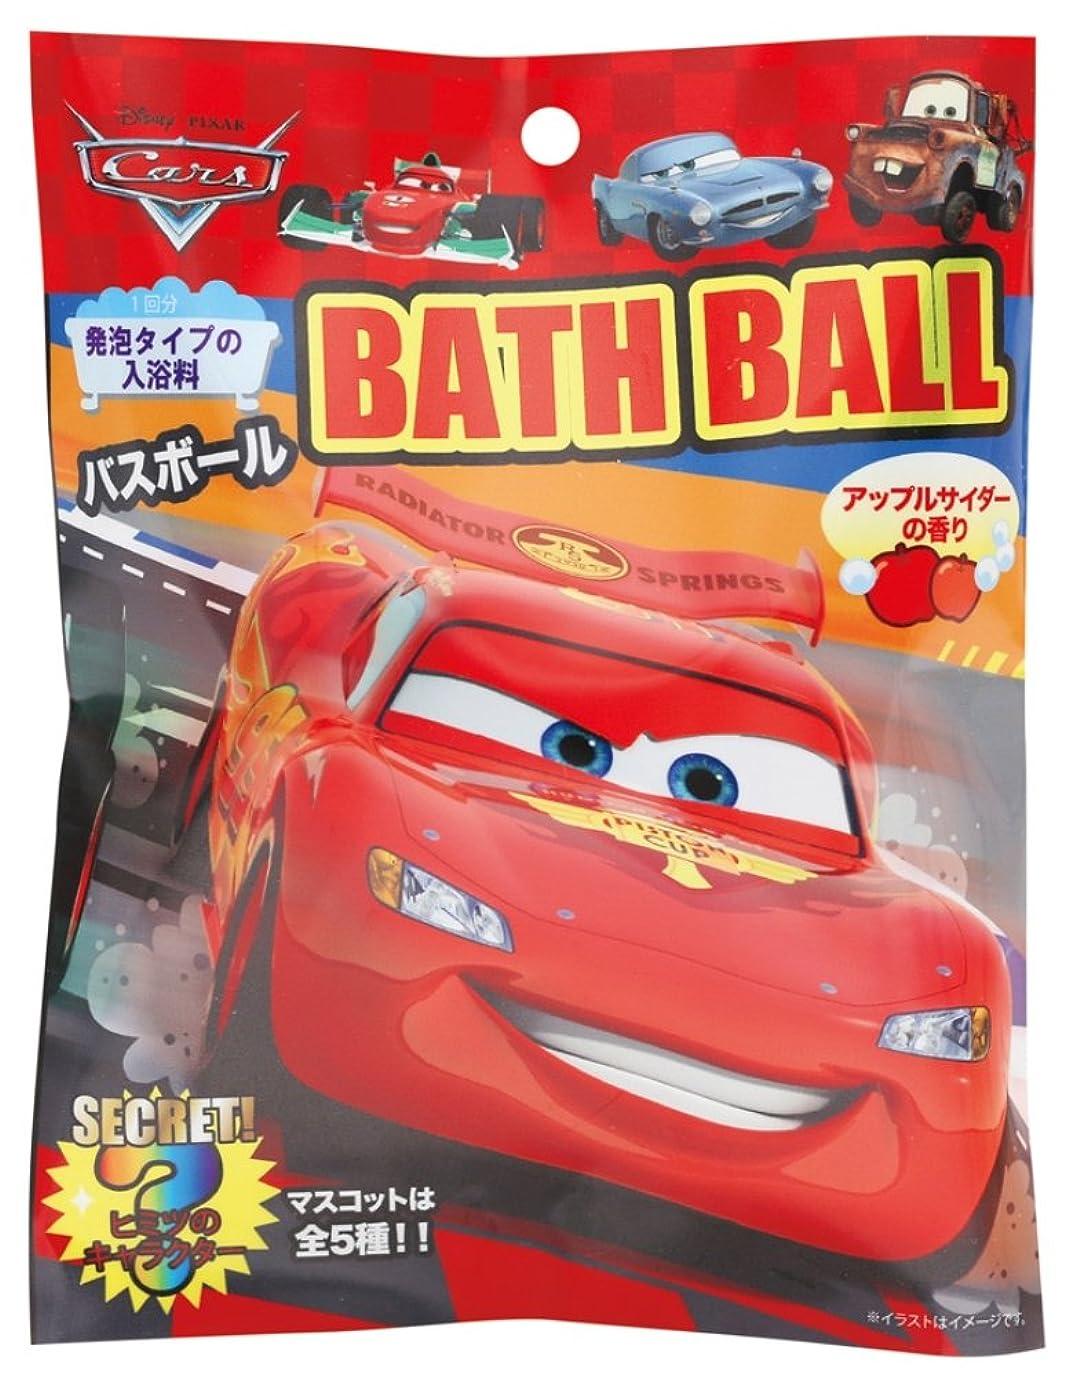 逆一生変換するディズニー 入浴剤 カーズバスボール おまけ付き DIP-79-01